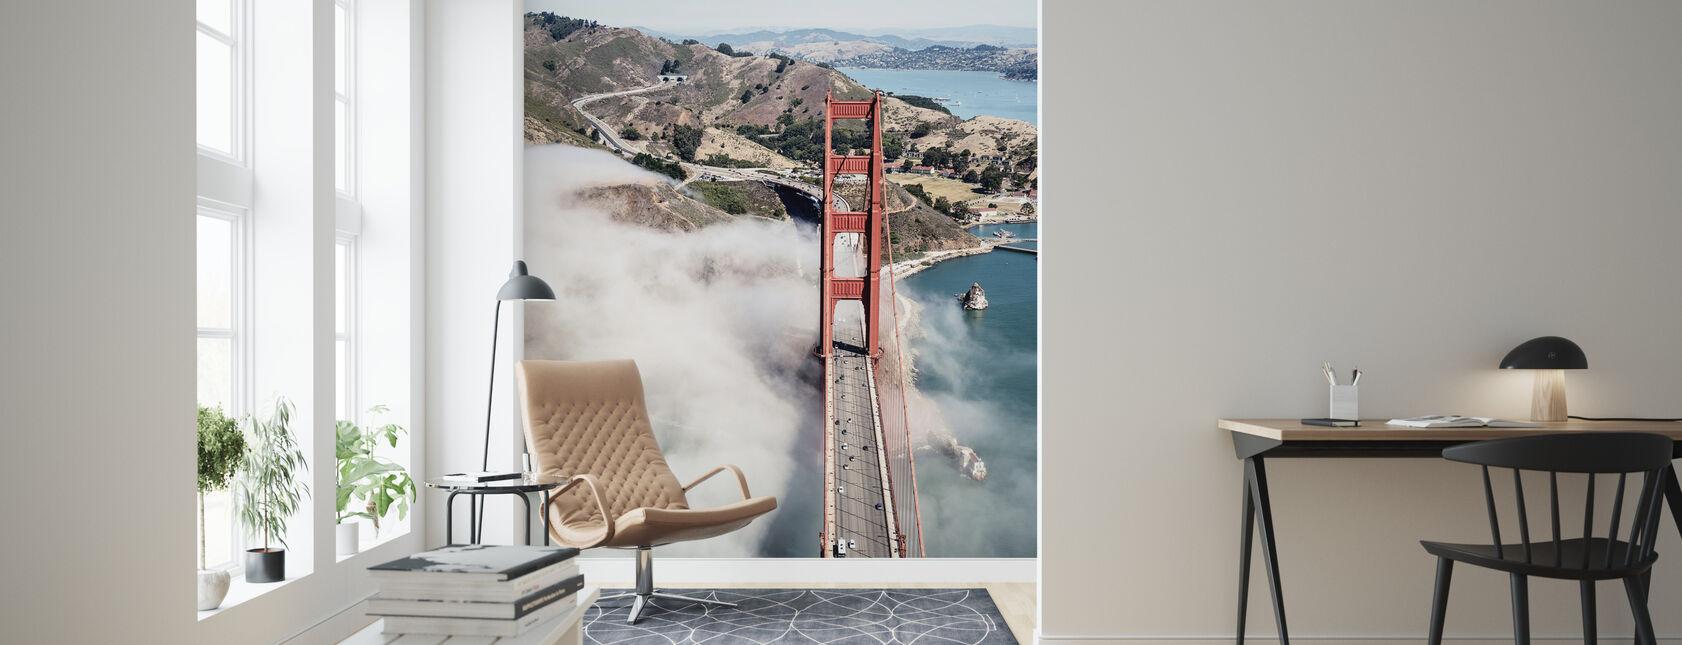 Golden Gate Bridge - Wallpaper - Living Room